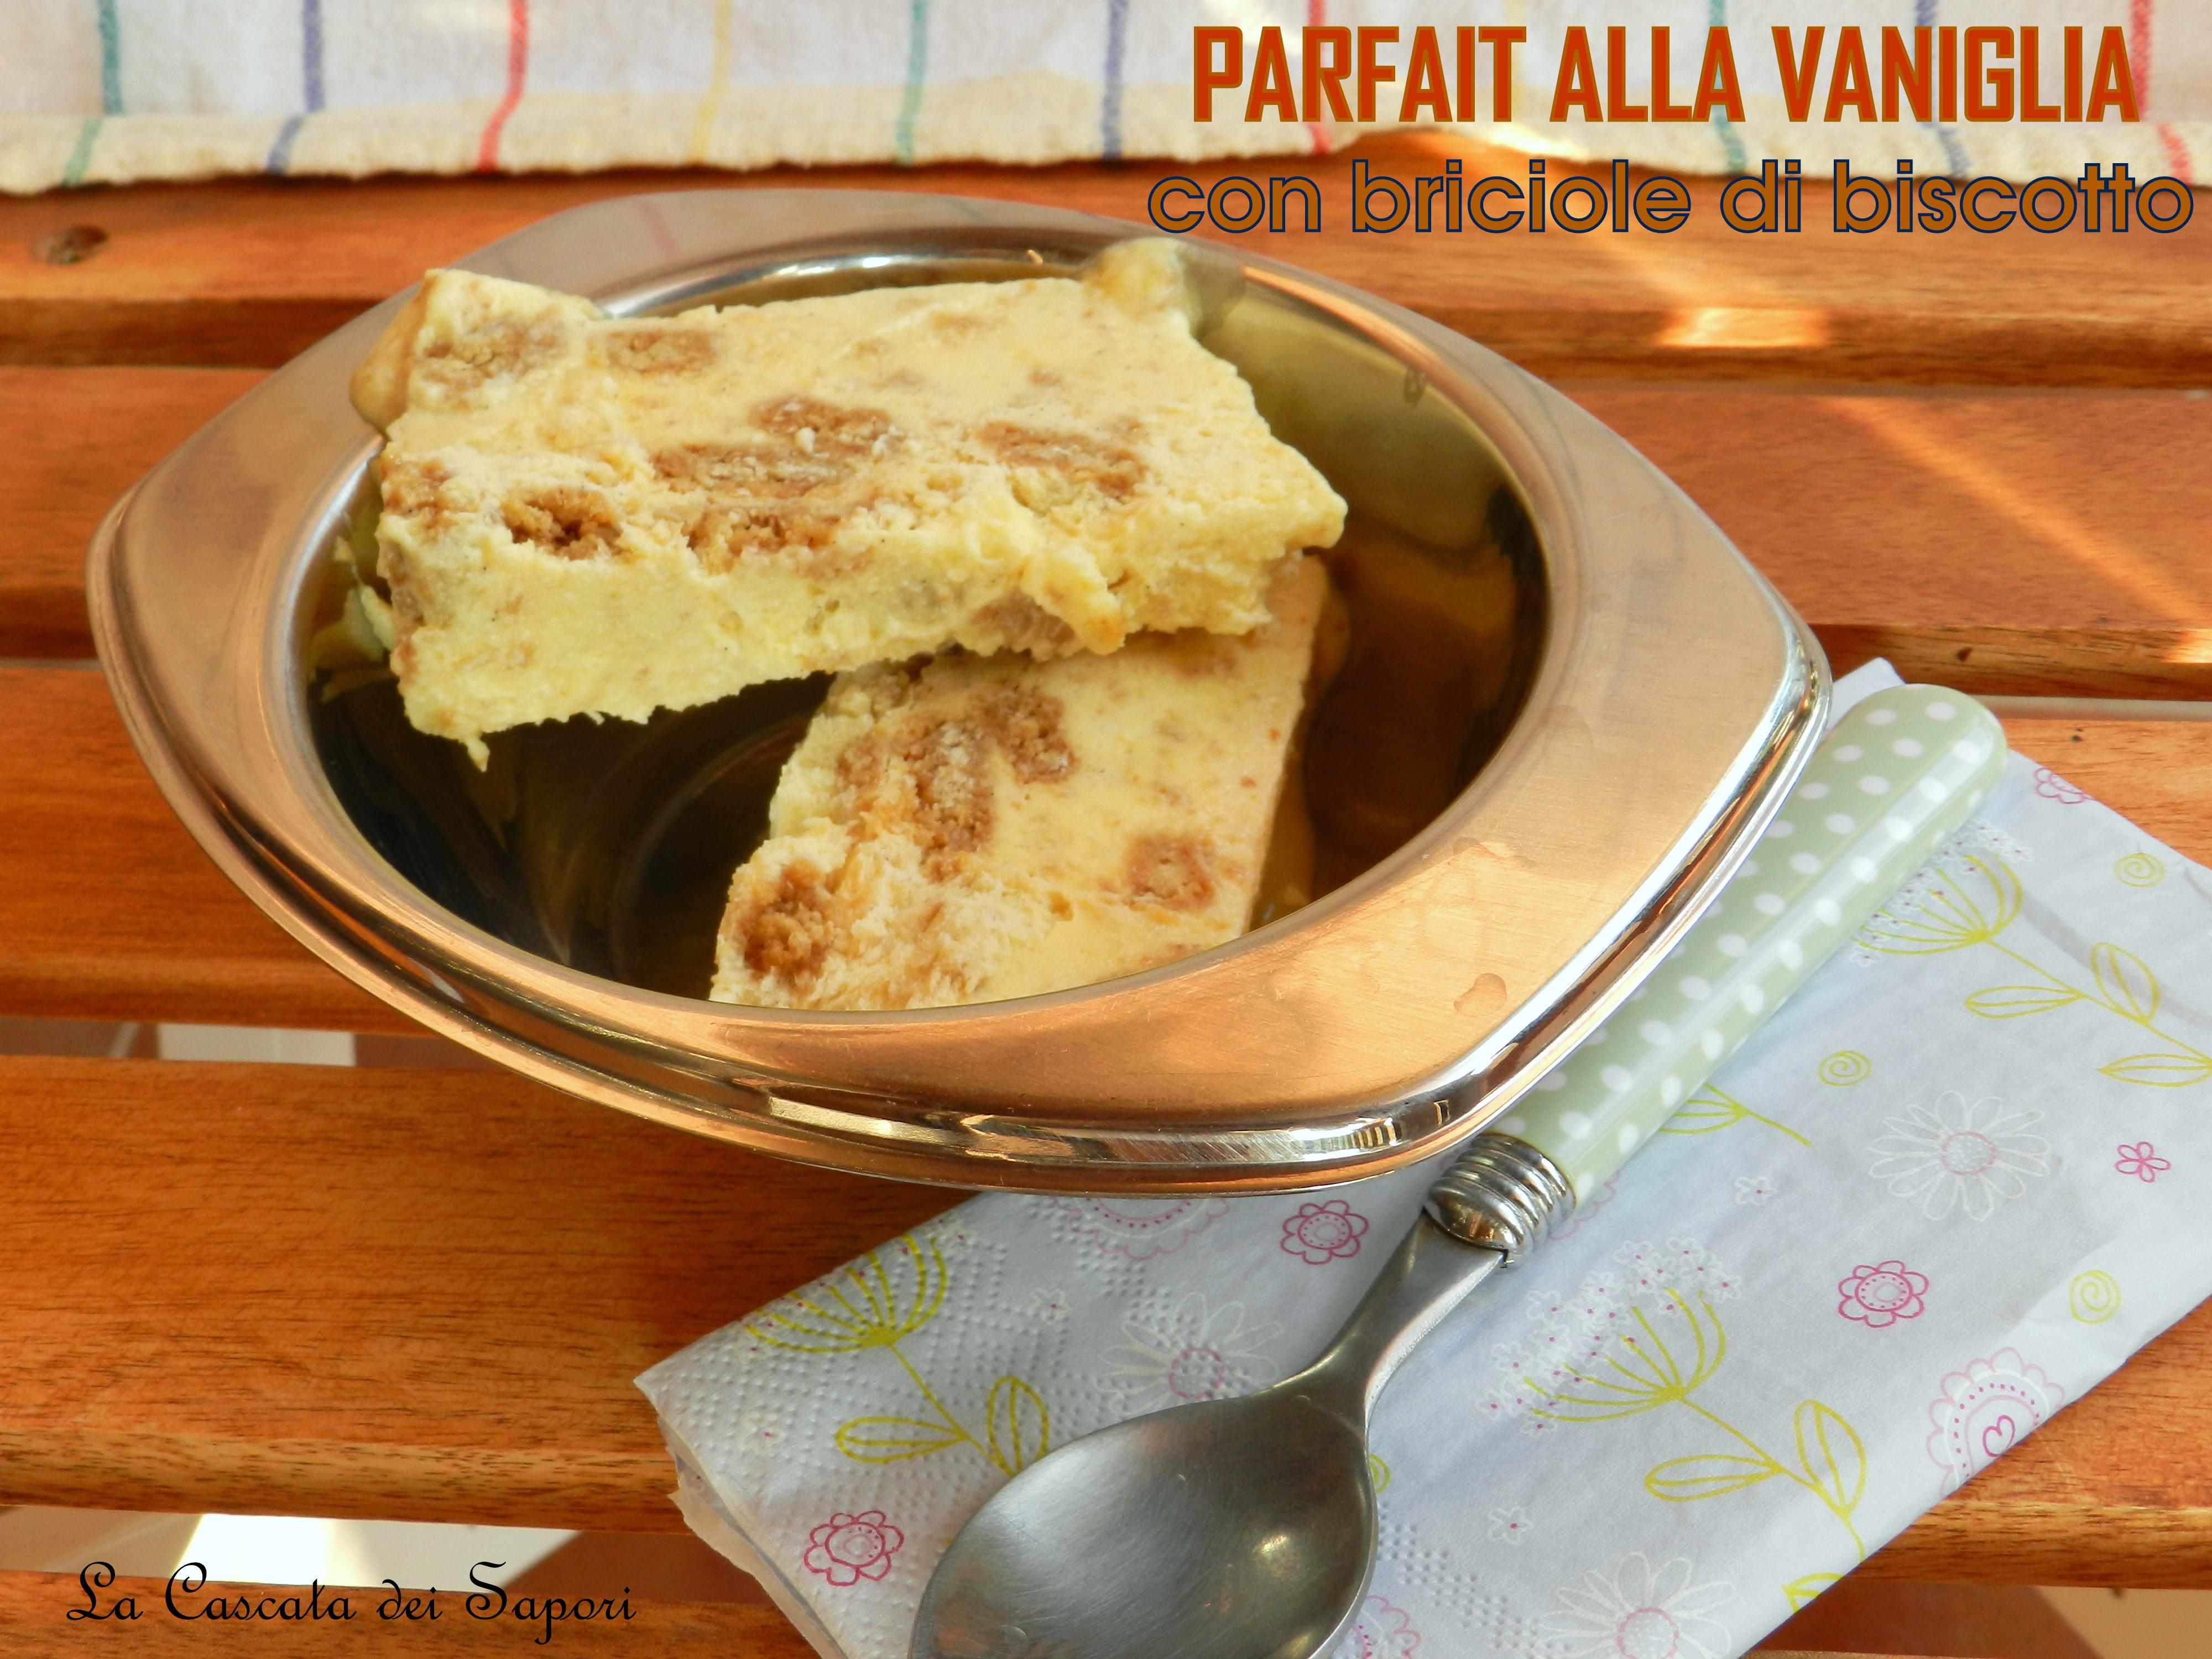 Parfait alla vaniglia con briciole di biscotti